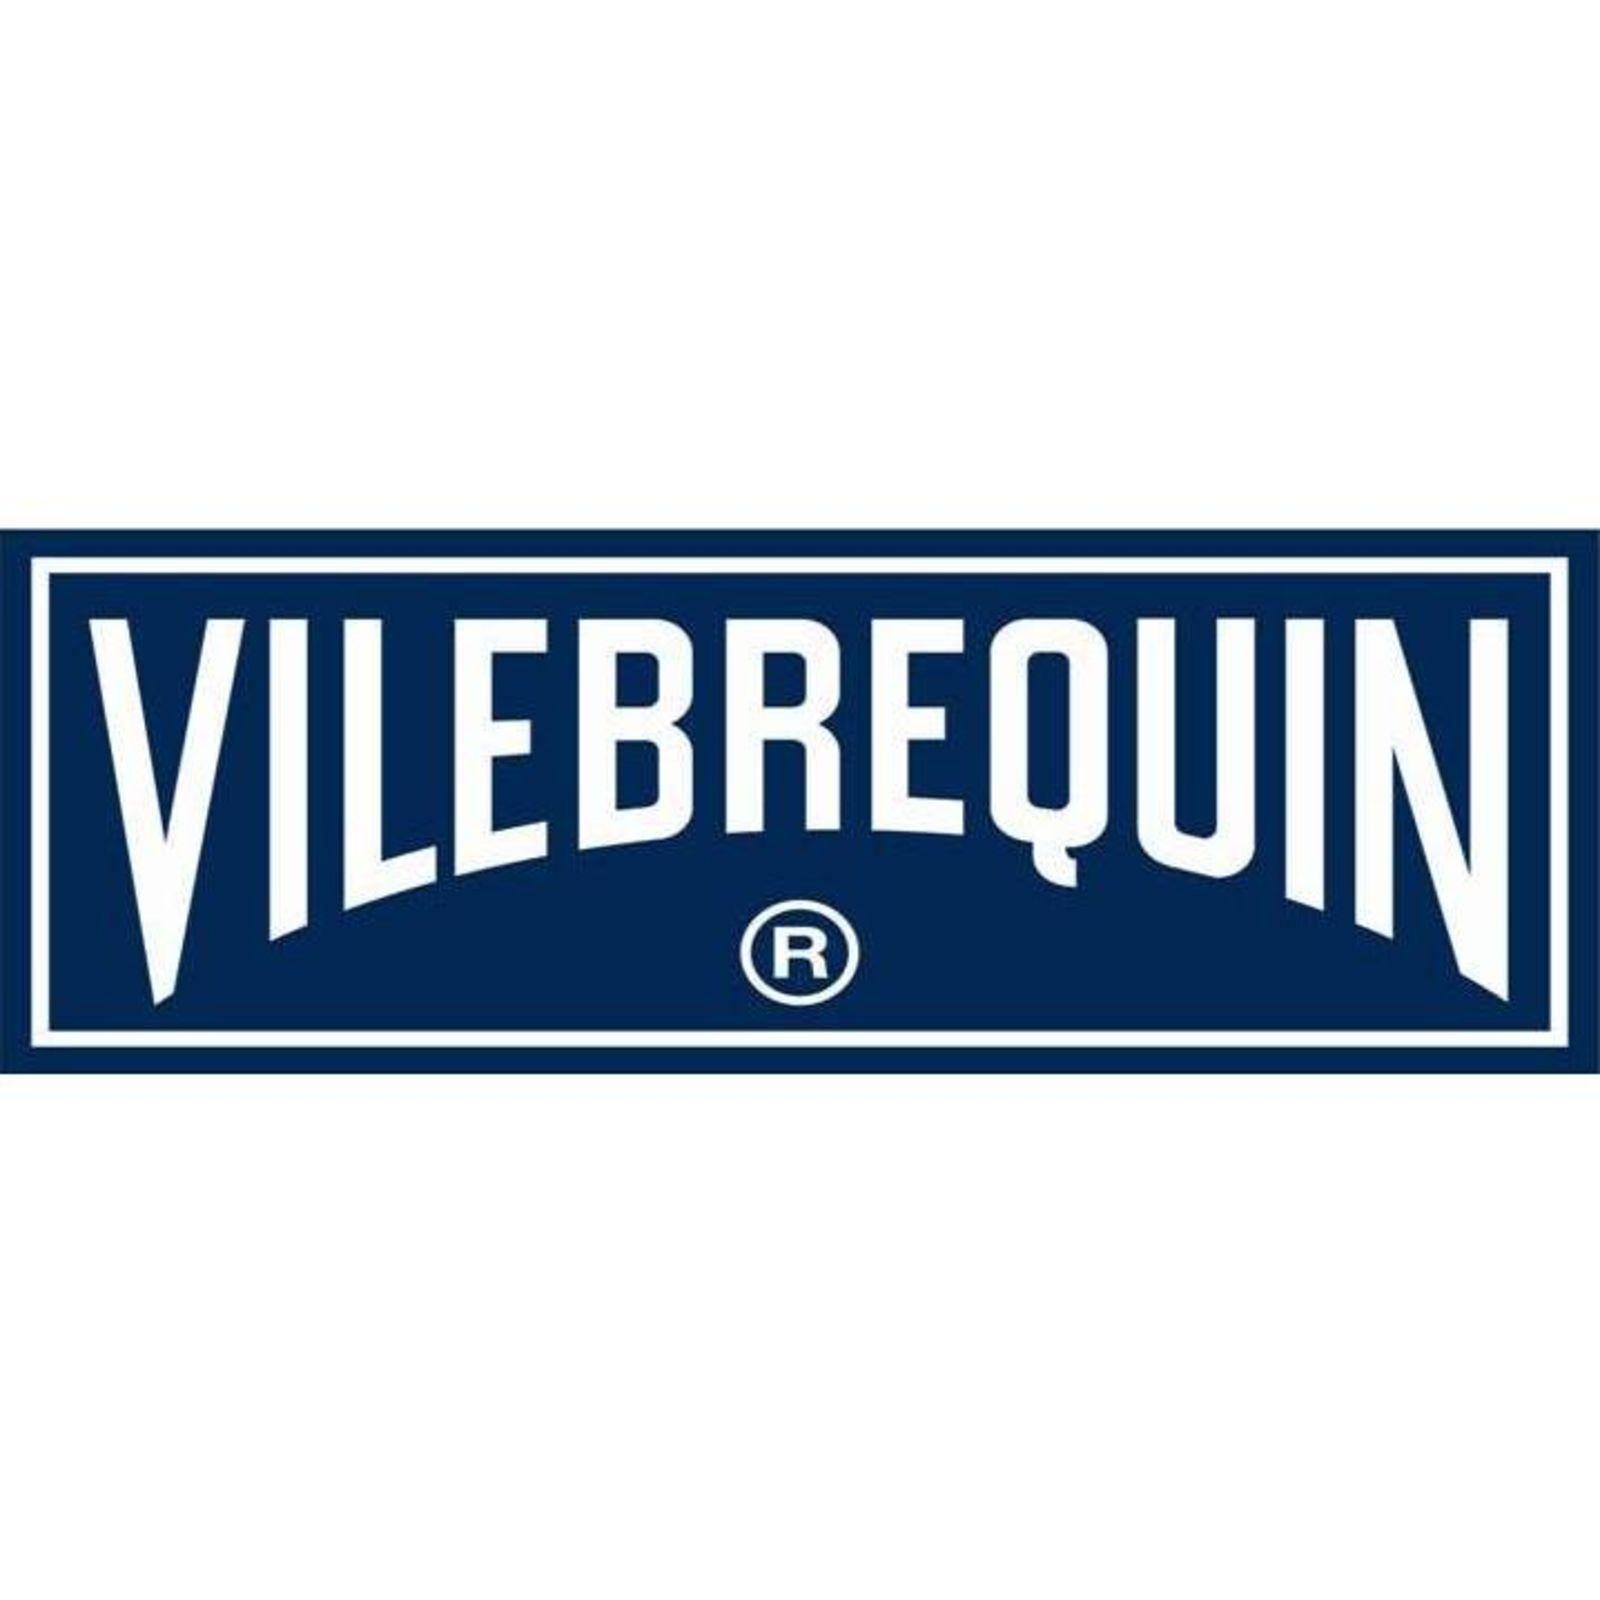 VILEBREQUIN (Image 1)